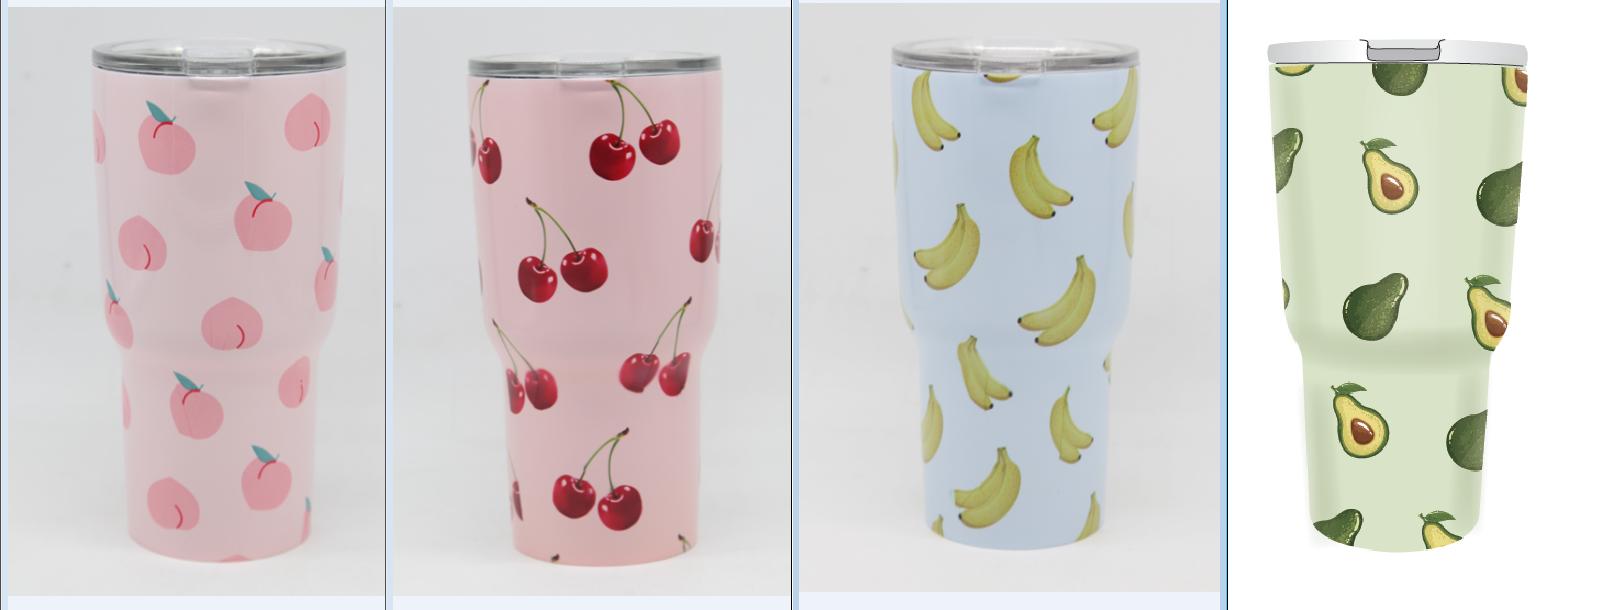 כוס טרמית מעוצבת מקולקציית פירות